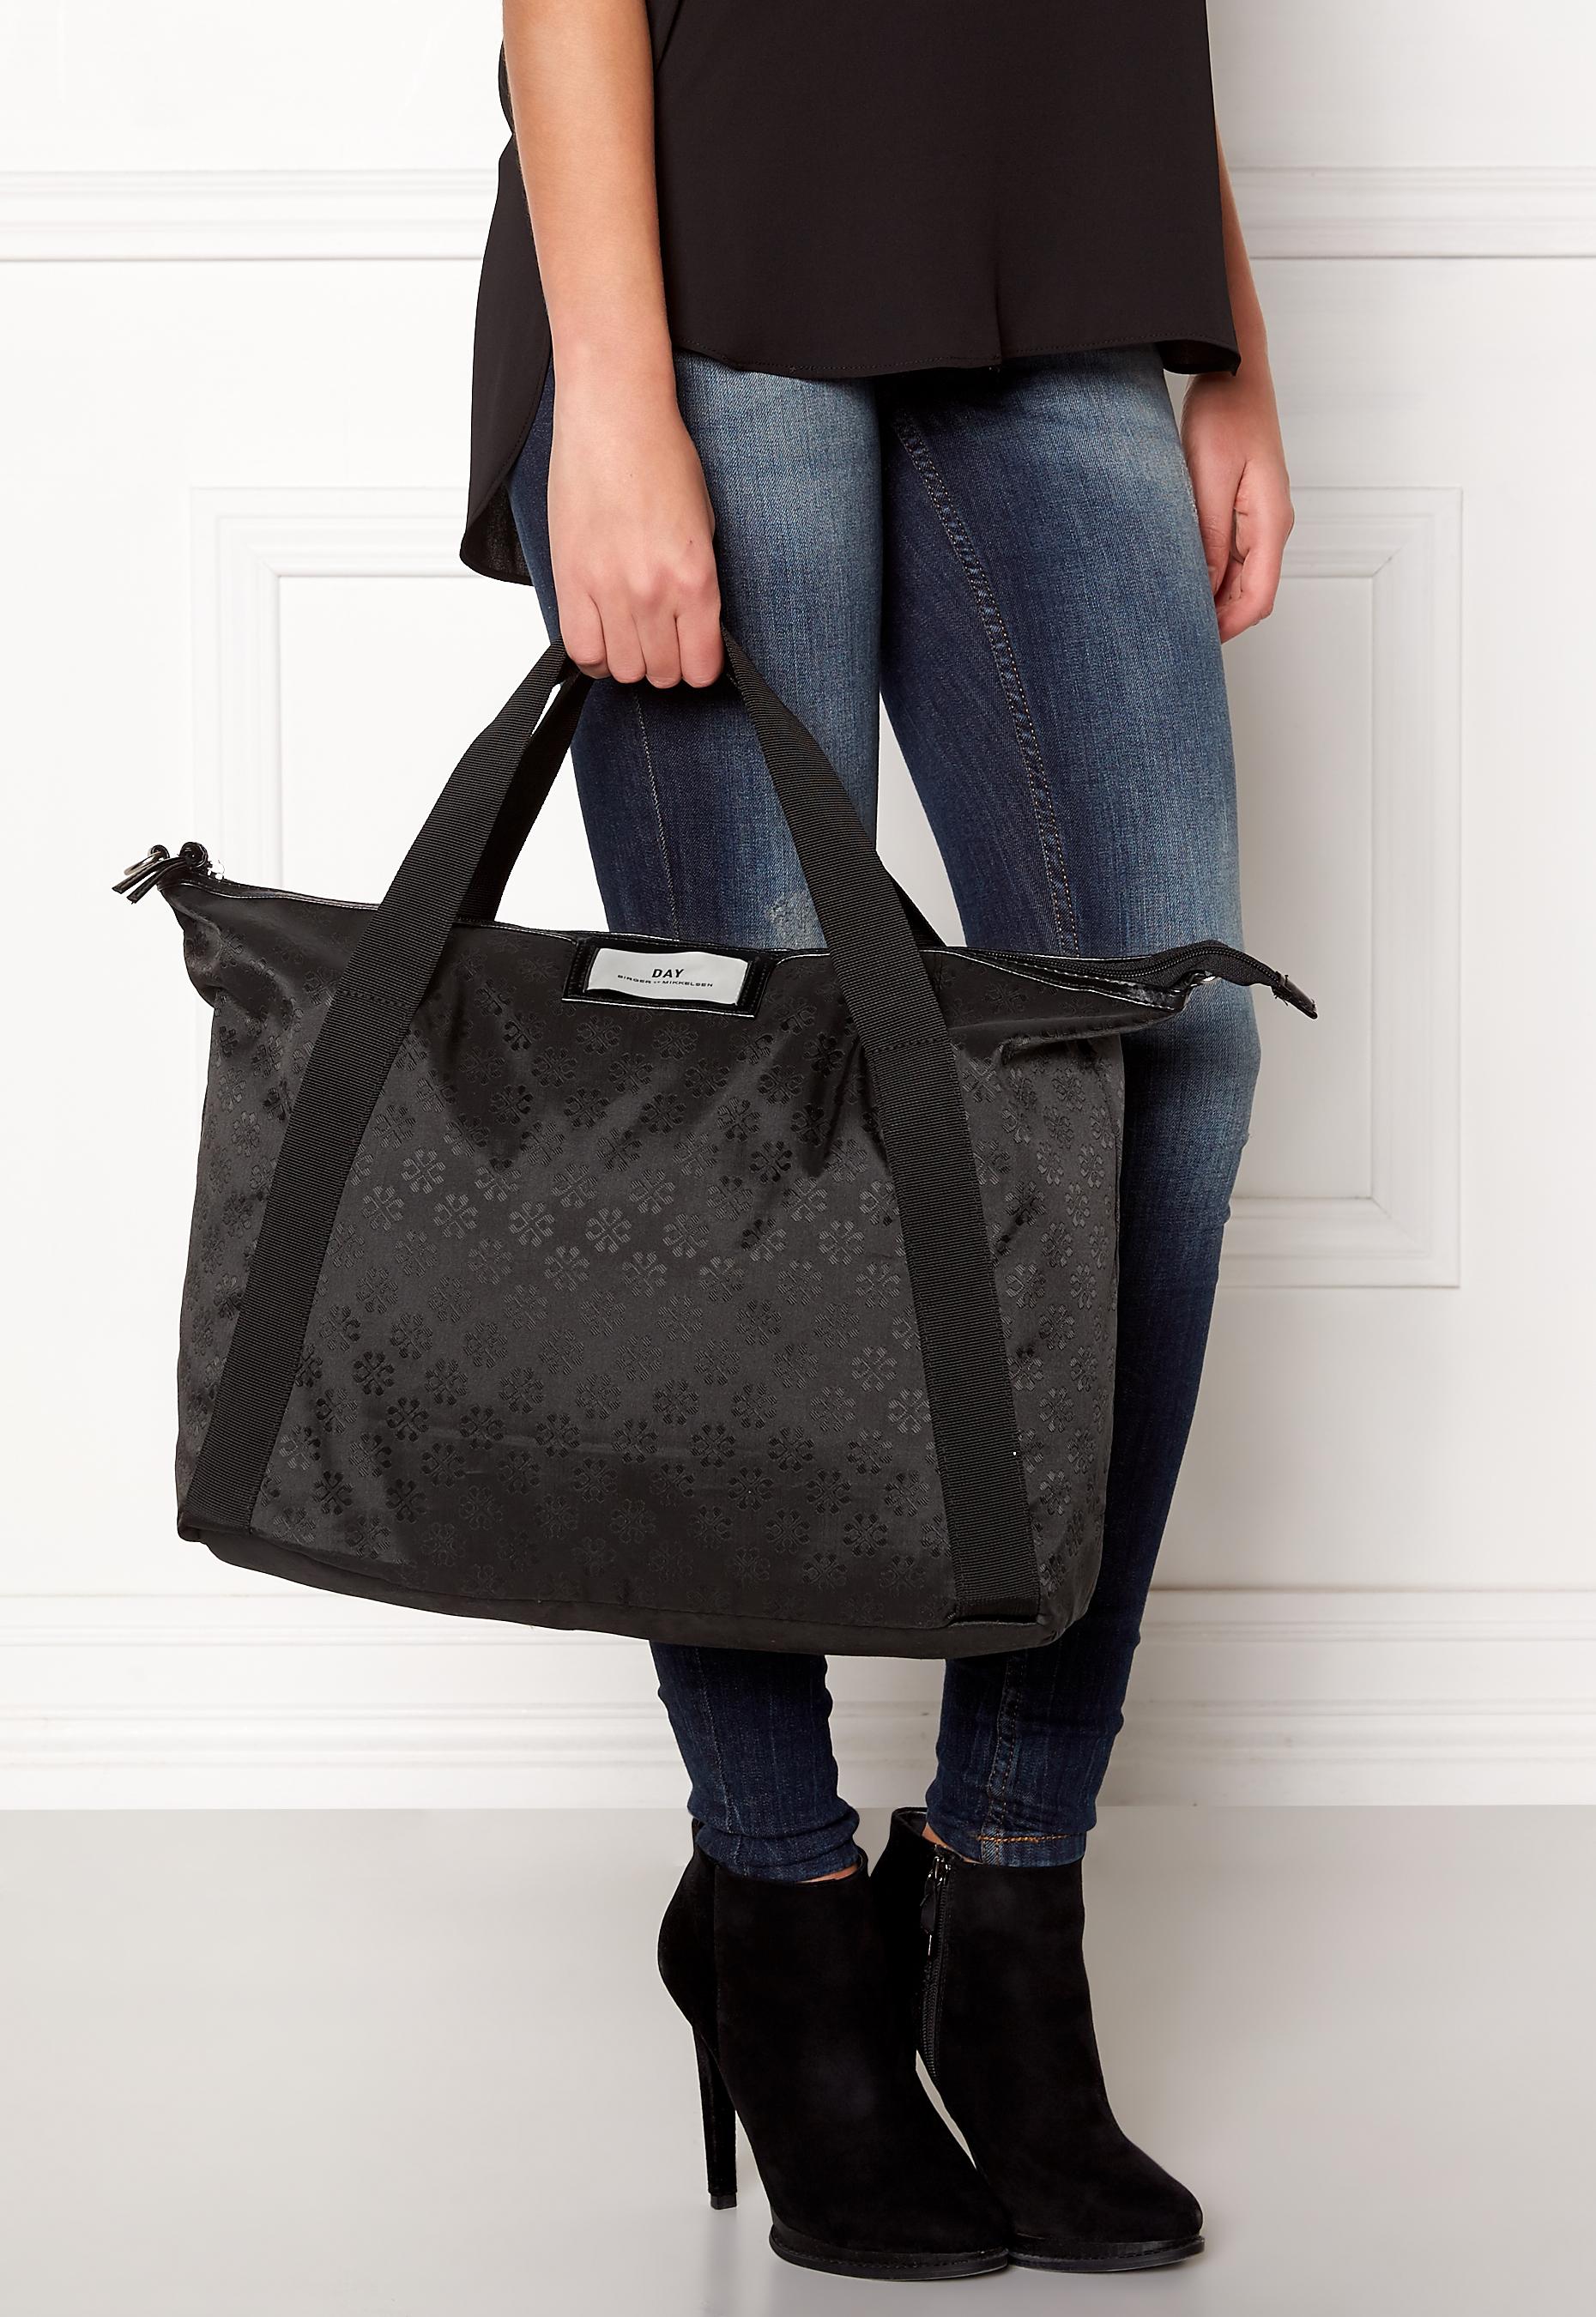 5047bebc1cb88 Preise Und Verfügbarkeit Für Verkauf Auslass Sehr Billig Day Gweneth Noir  Bag Billig Finden Große Auslass